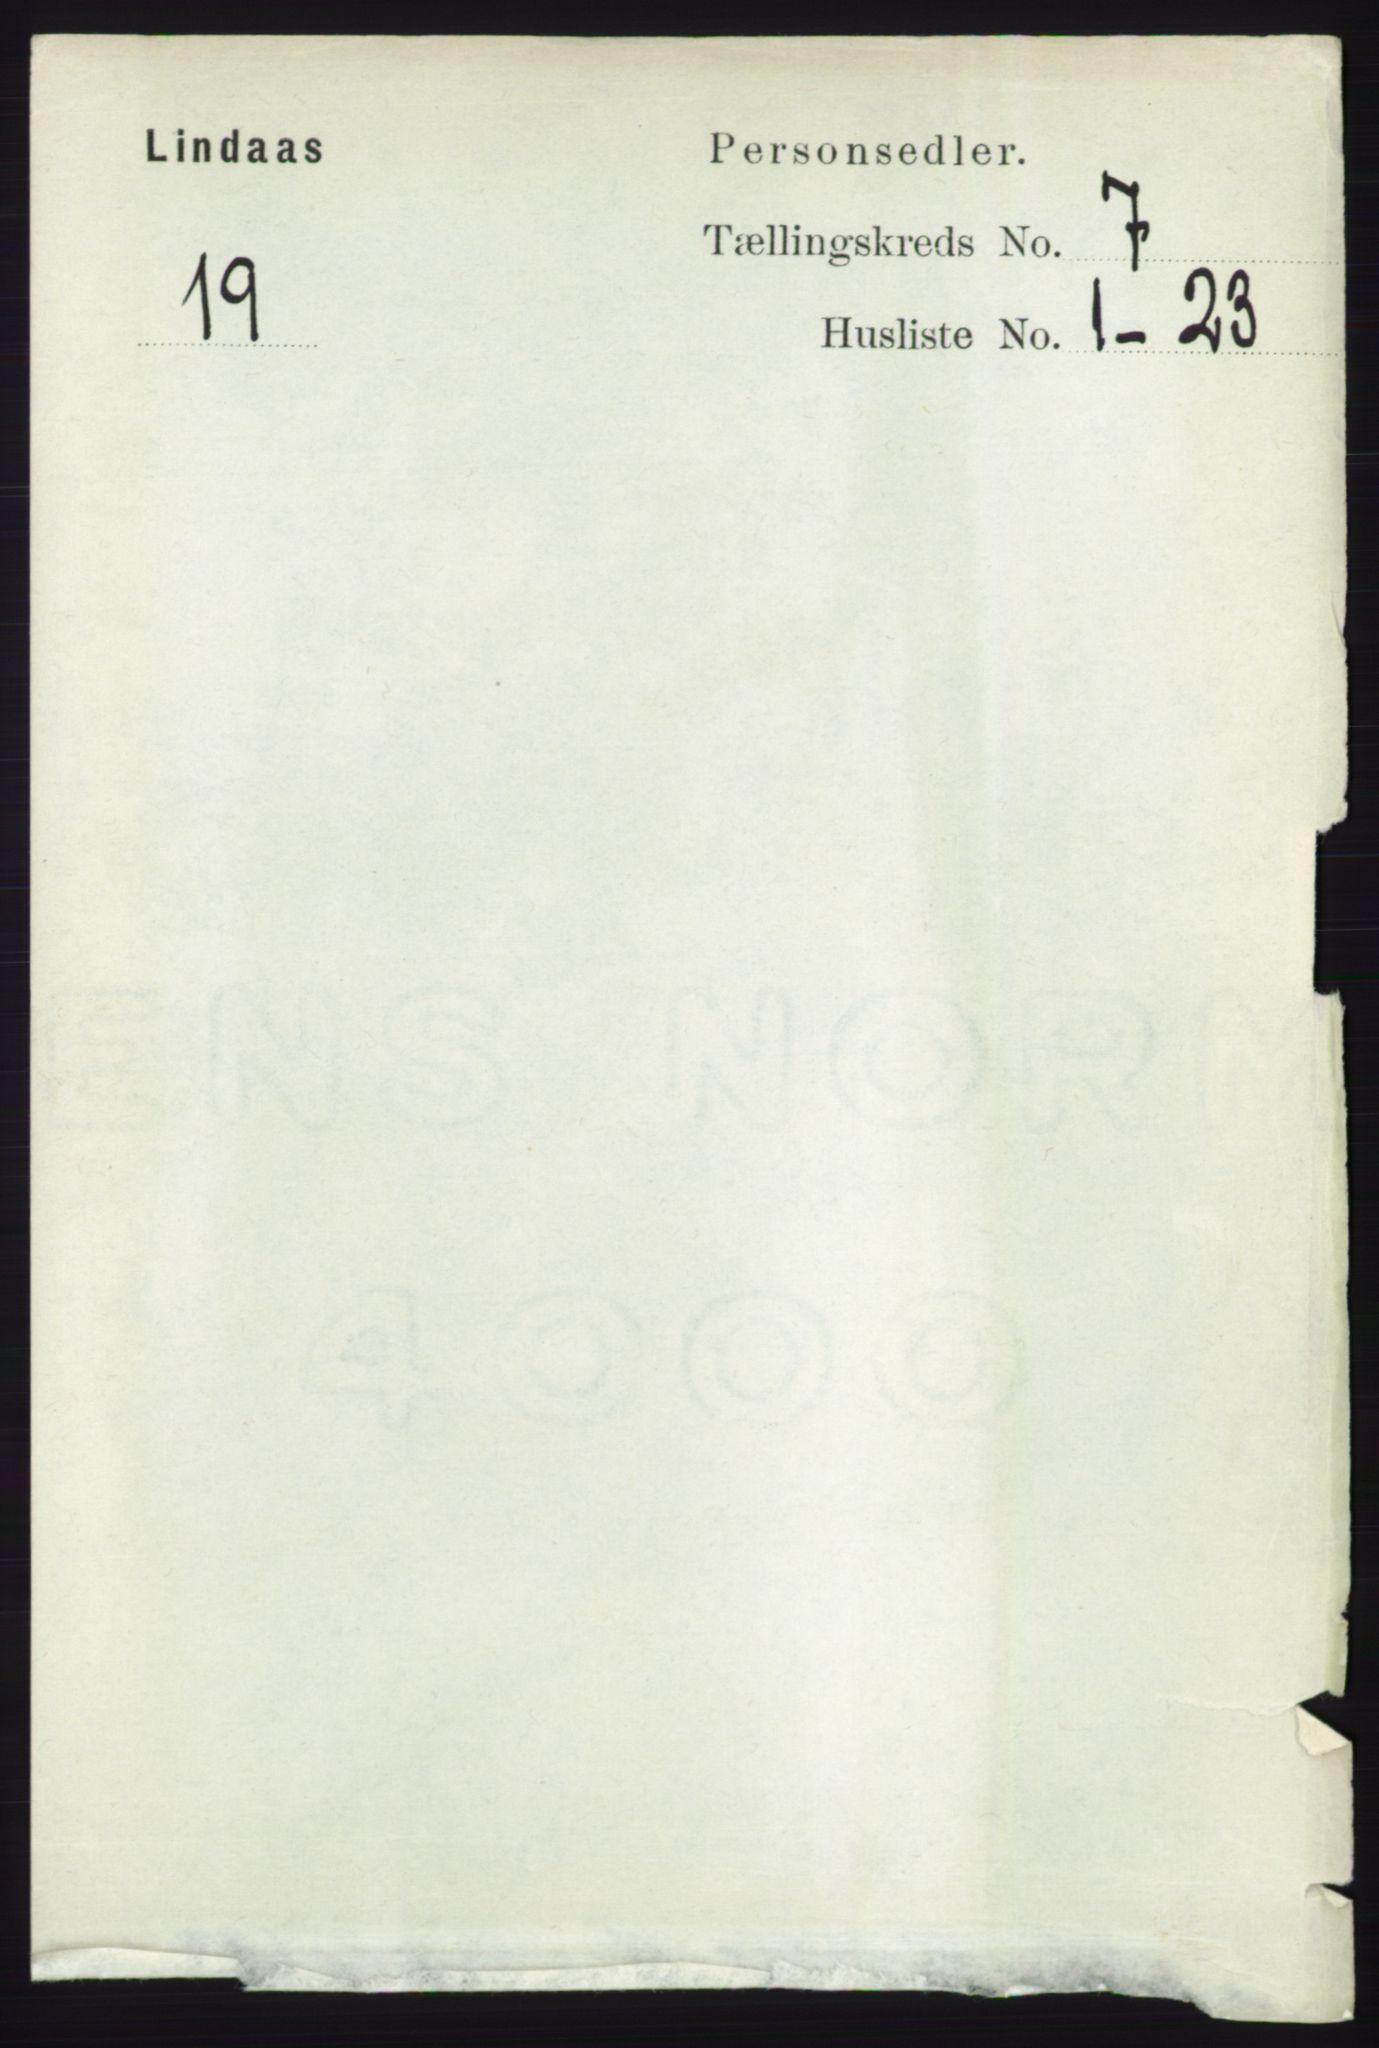 RA, Folketelling 1891 for 1263 Lindås herred, 1891, s. 2076